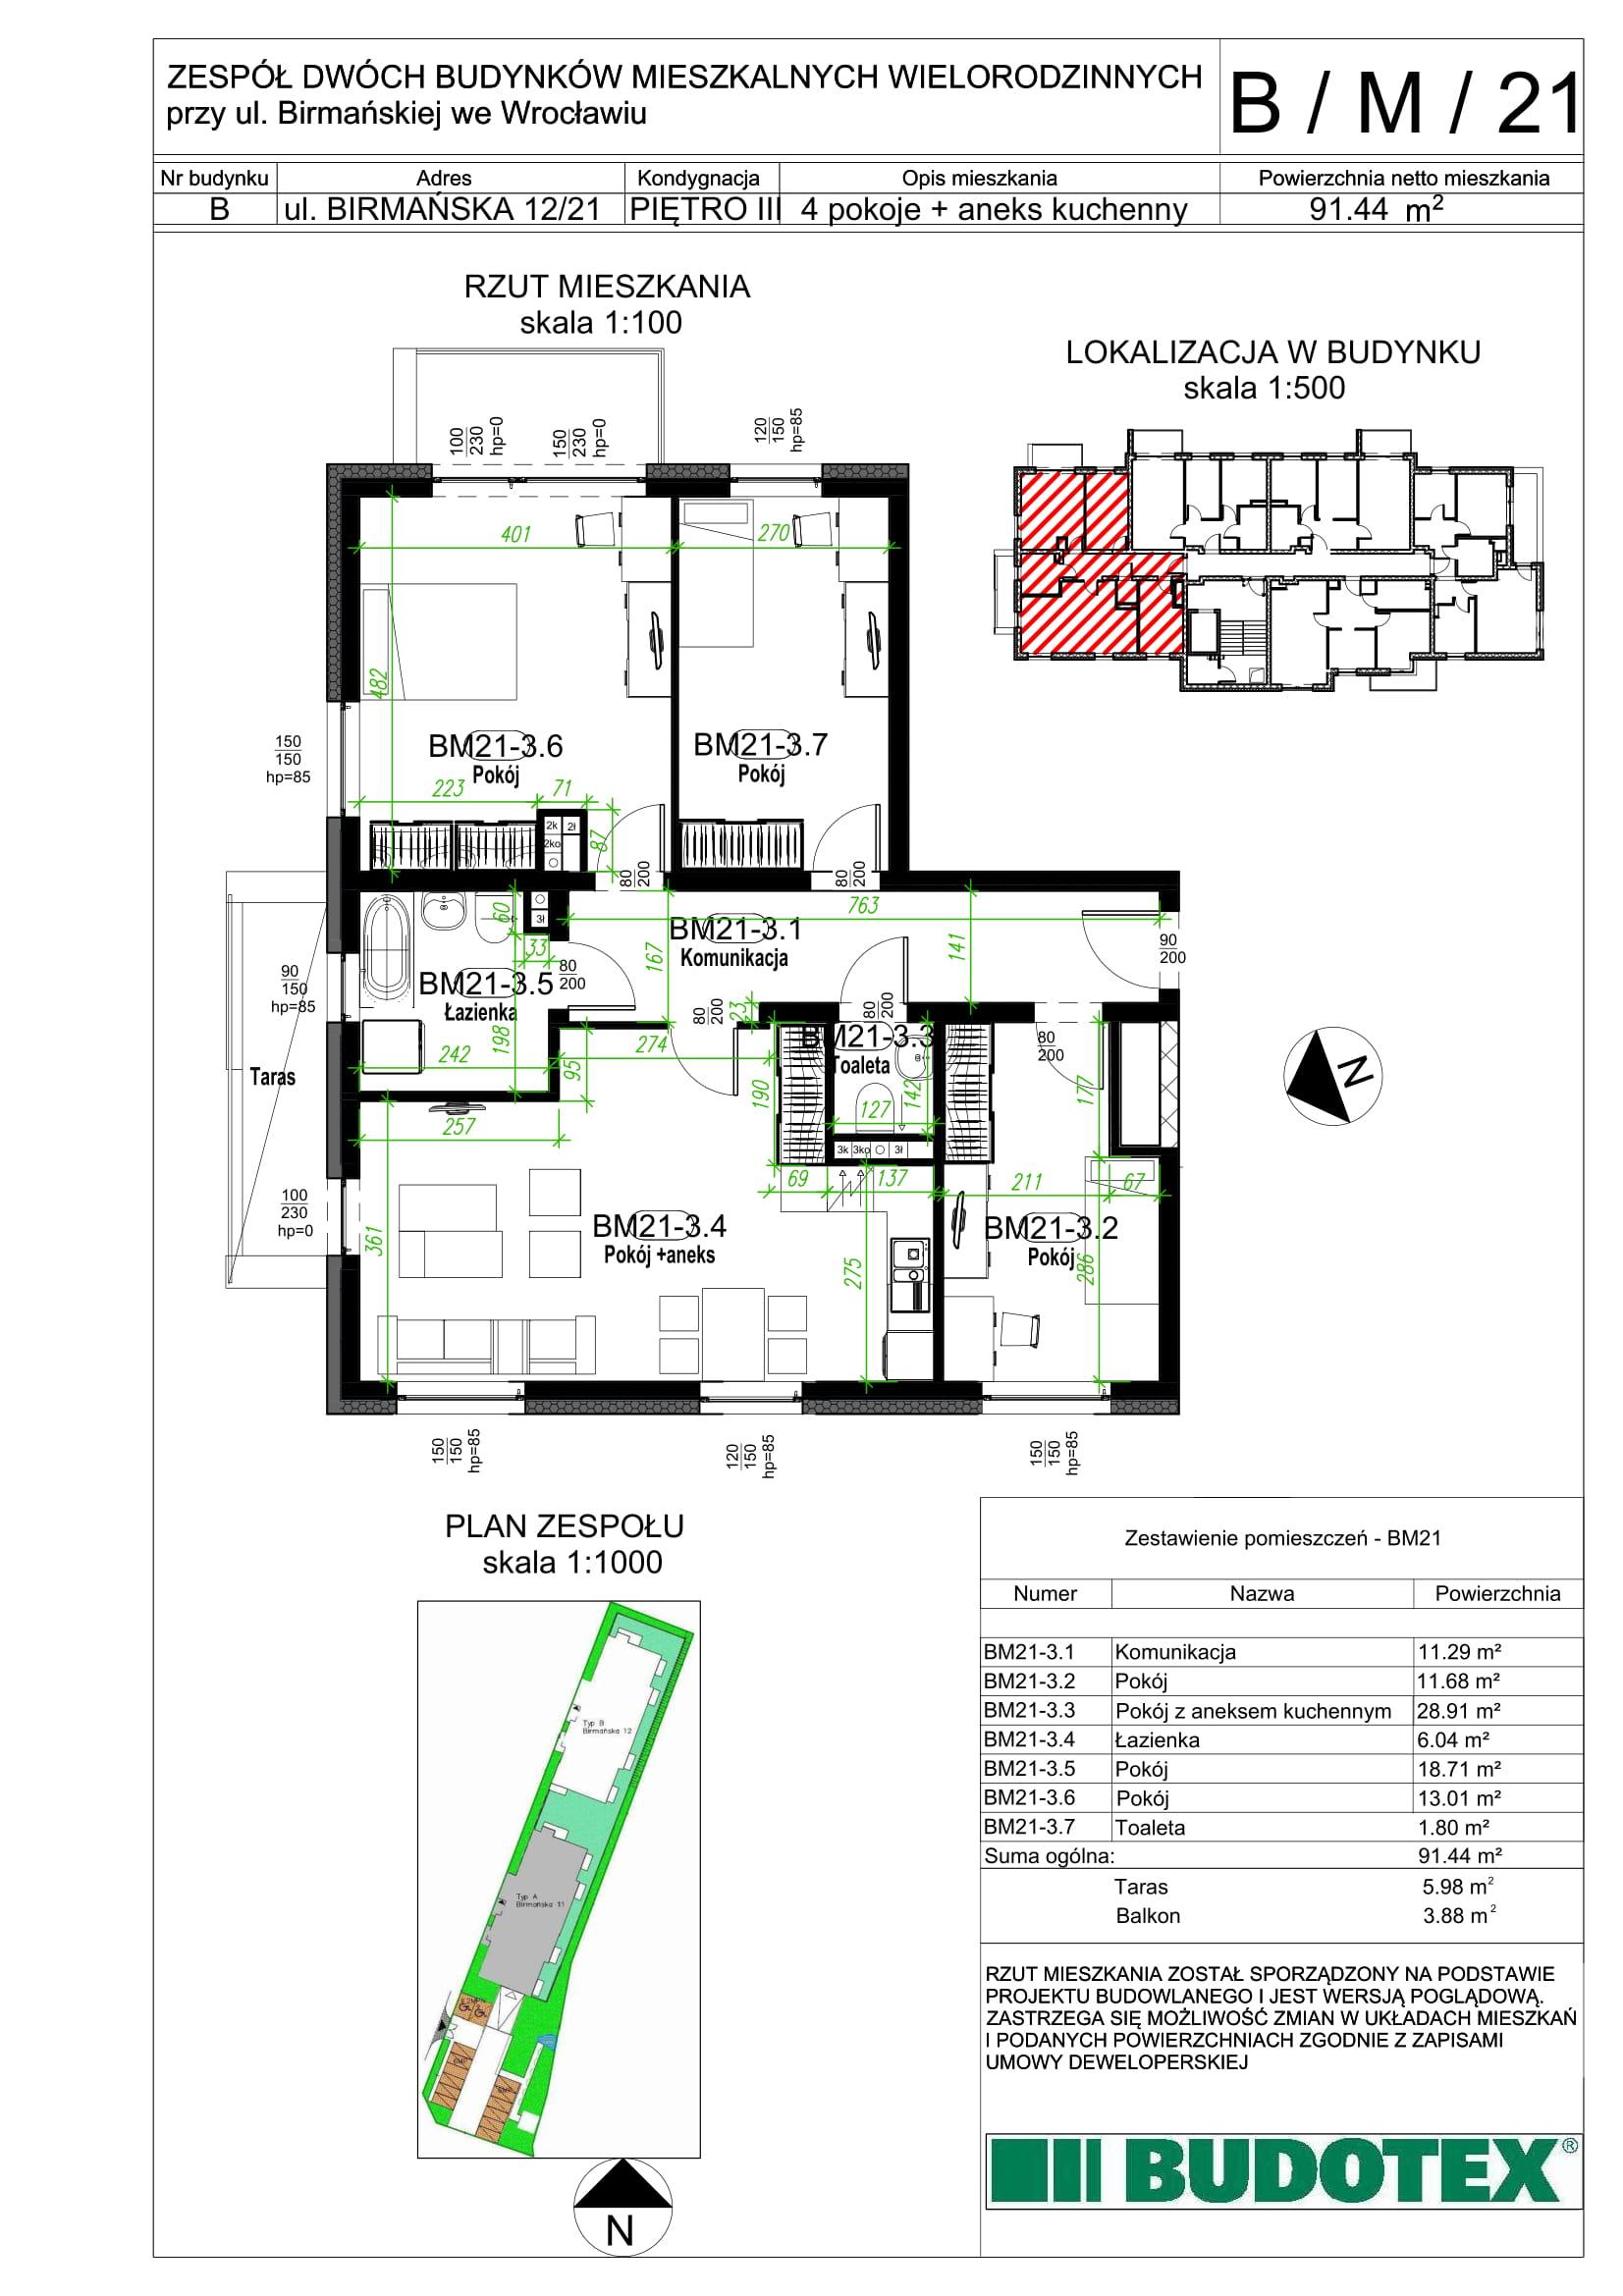 Mieszkanie nr B/M/21